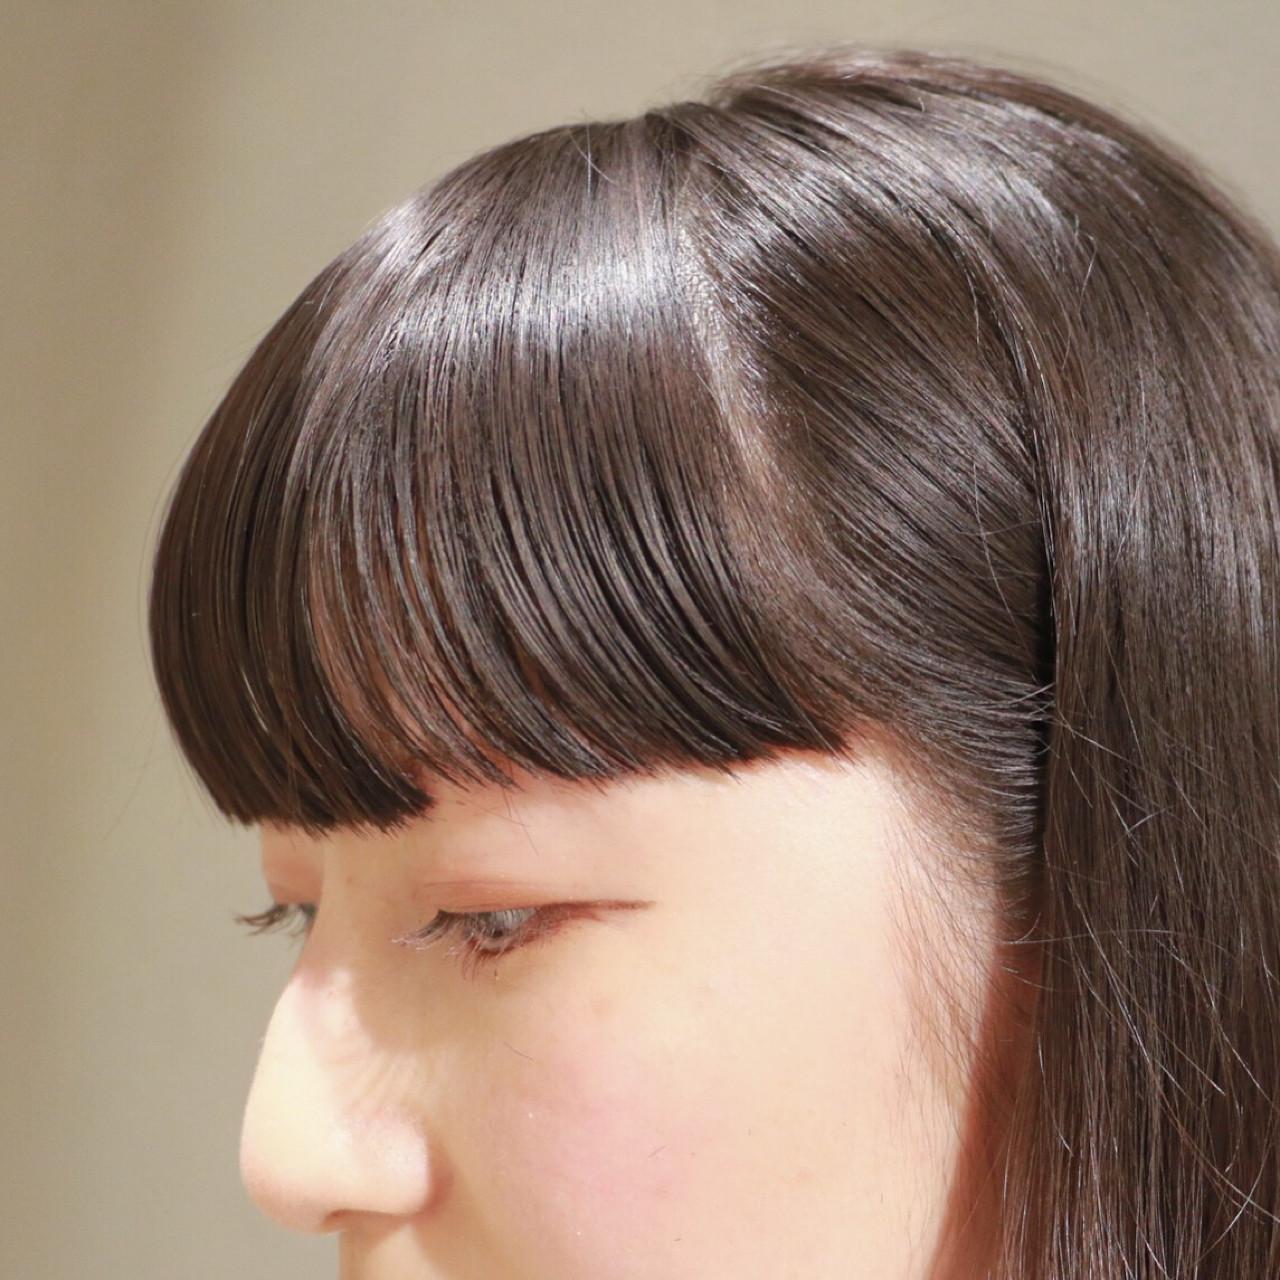 モード ナチュラル 前髪あり ワイドバング ヘアスタイルや髪型の写真・画像